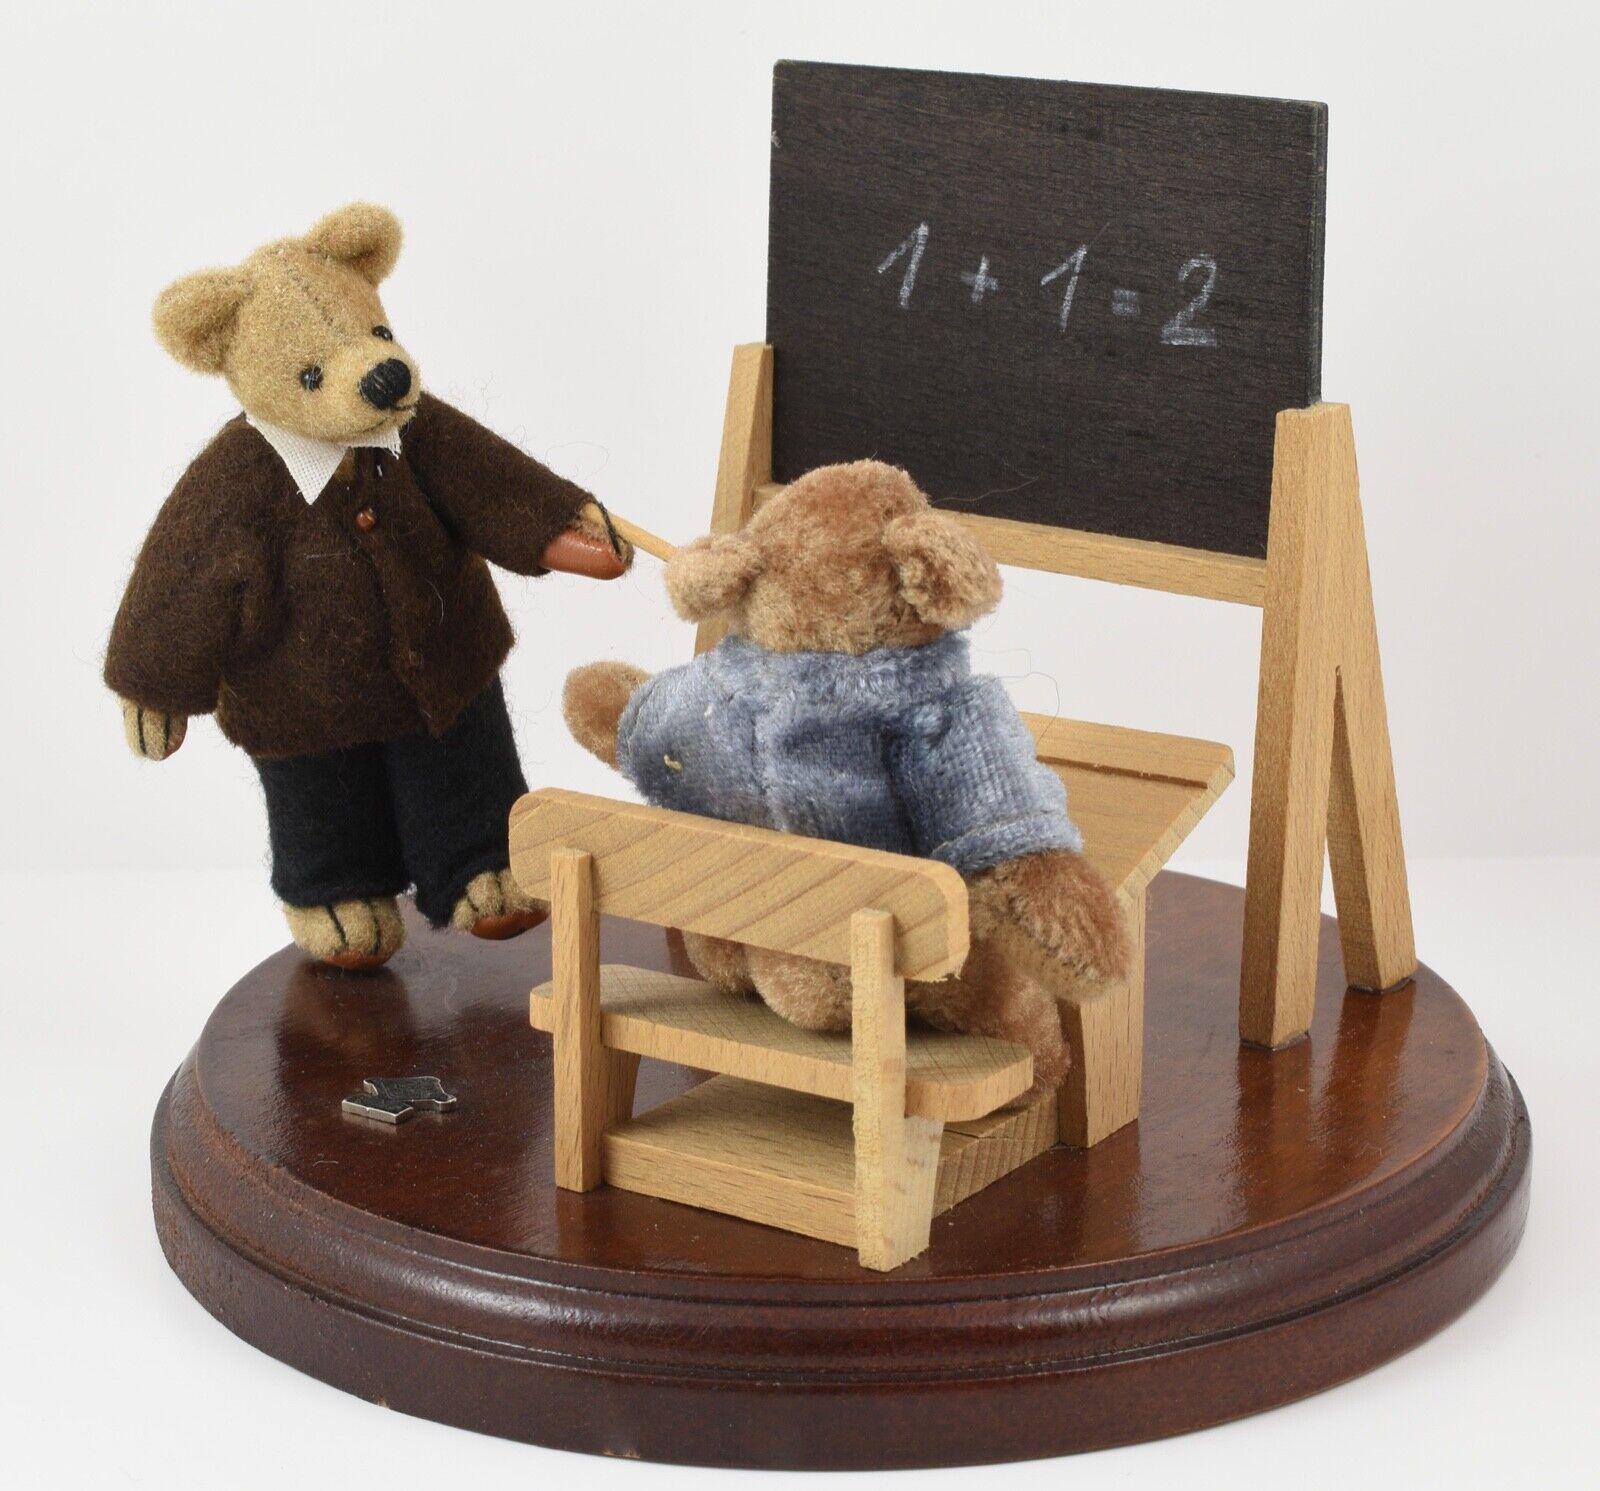 RARA EDIZIONE LIMITATA Gebr. BING Schuco Germania Teddy Bear School